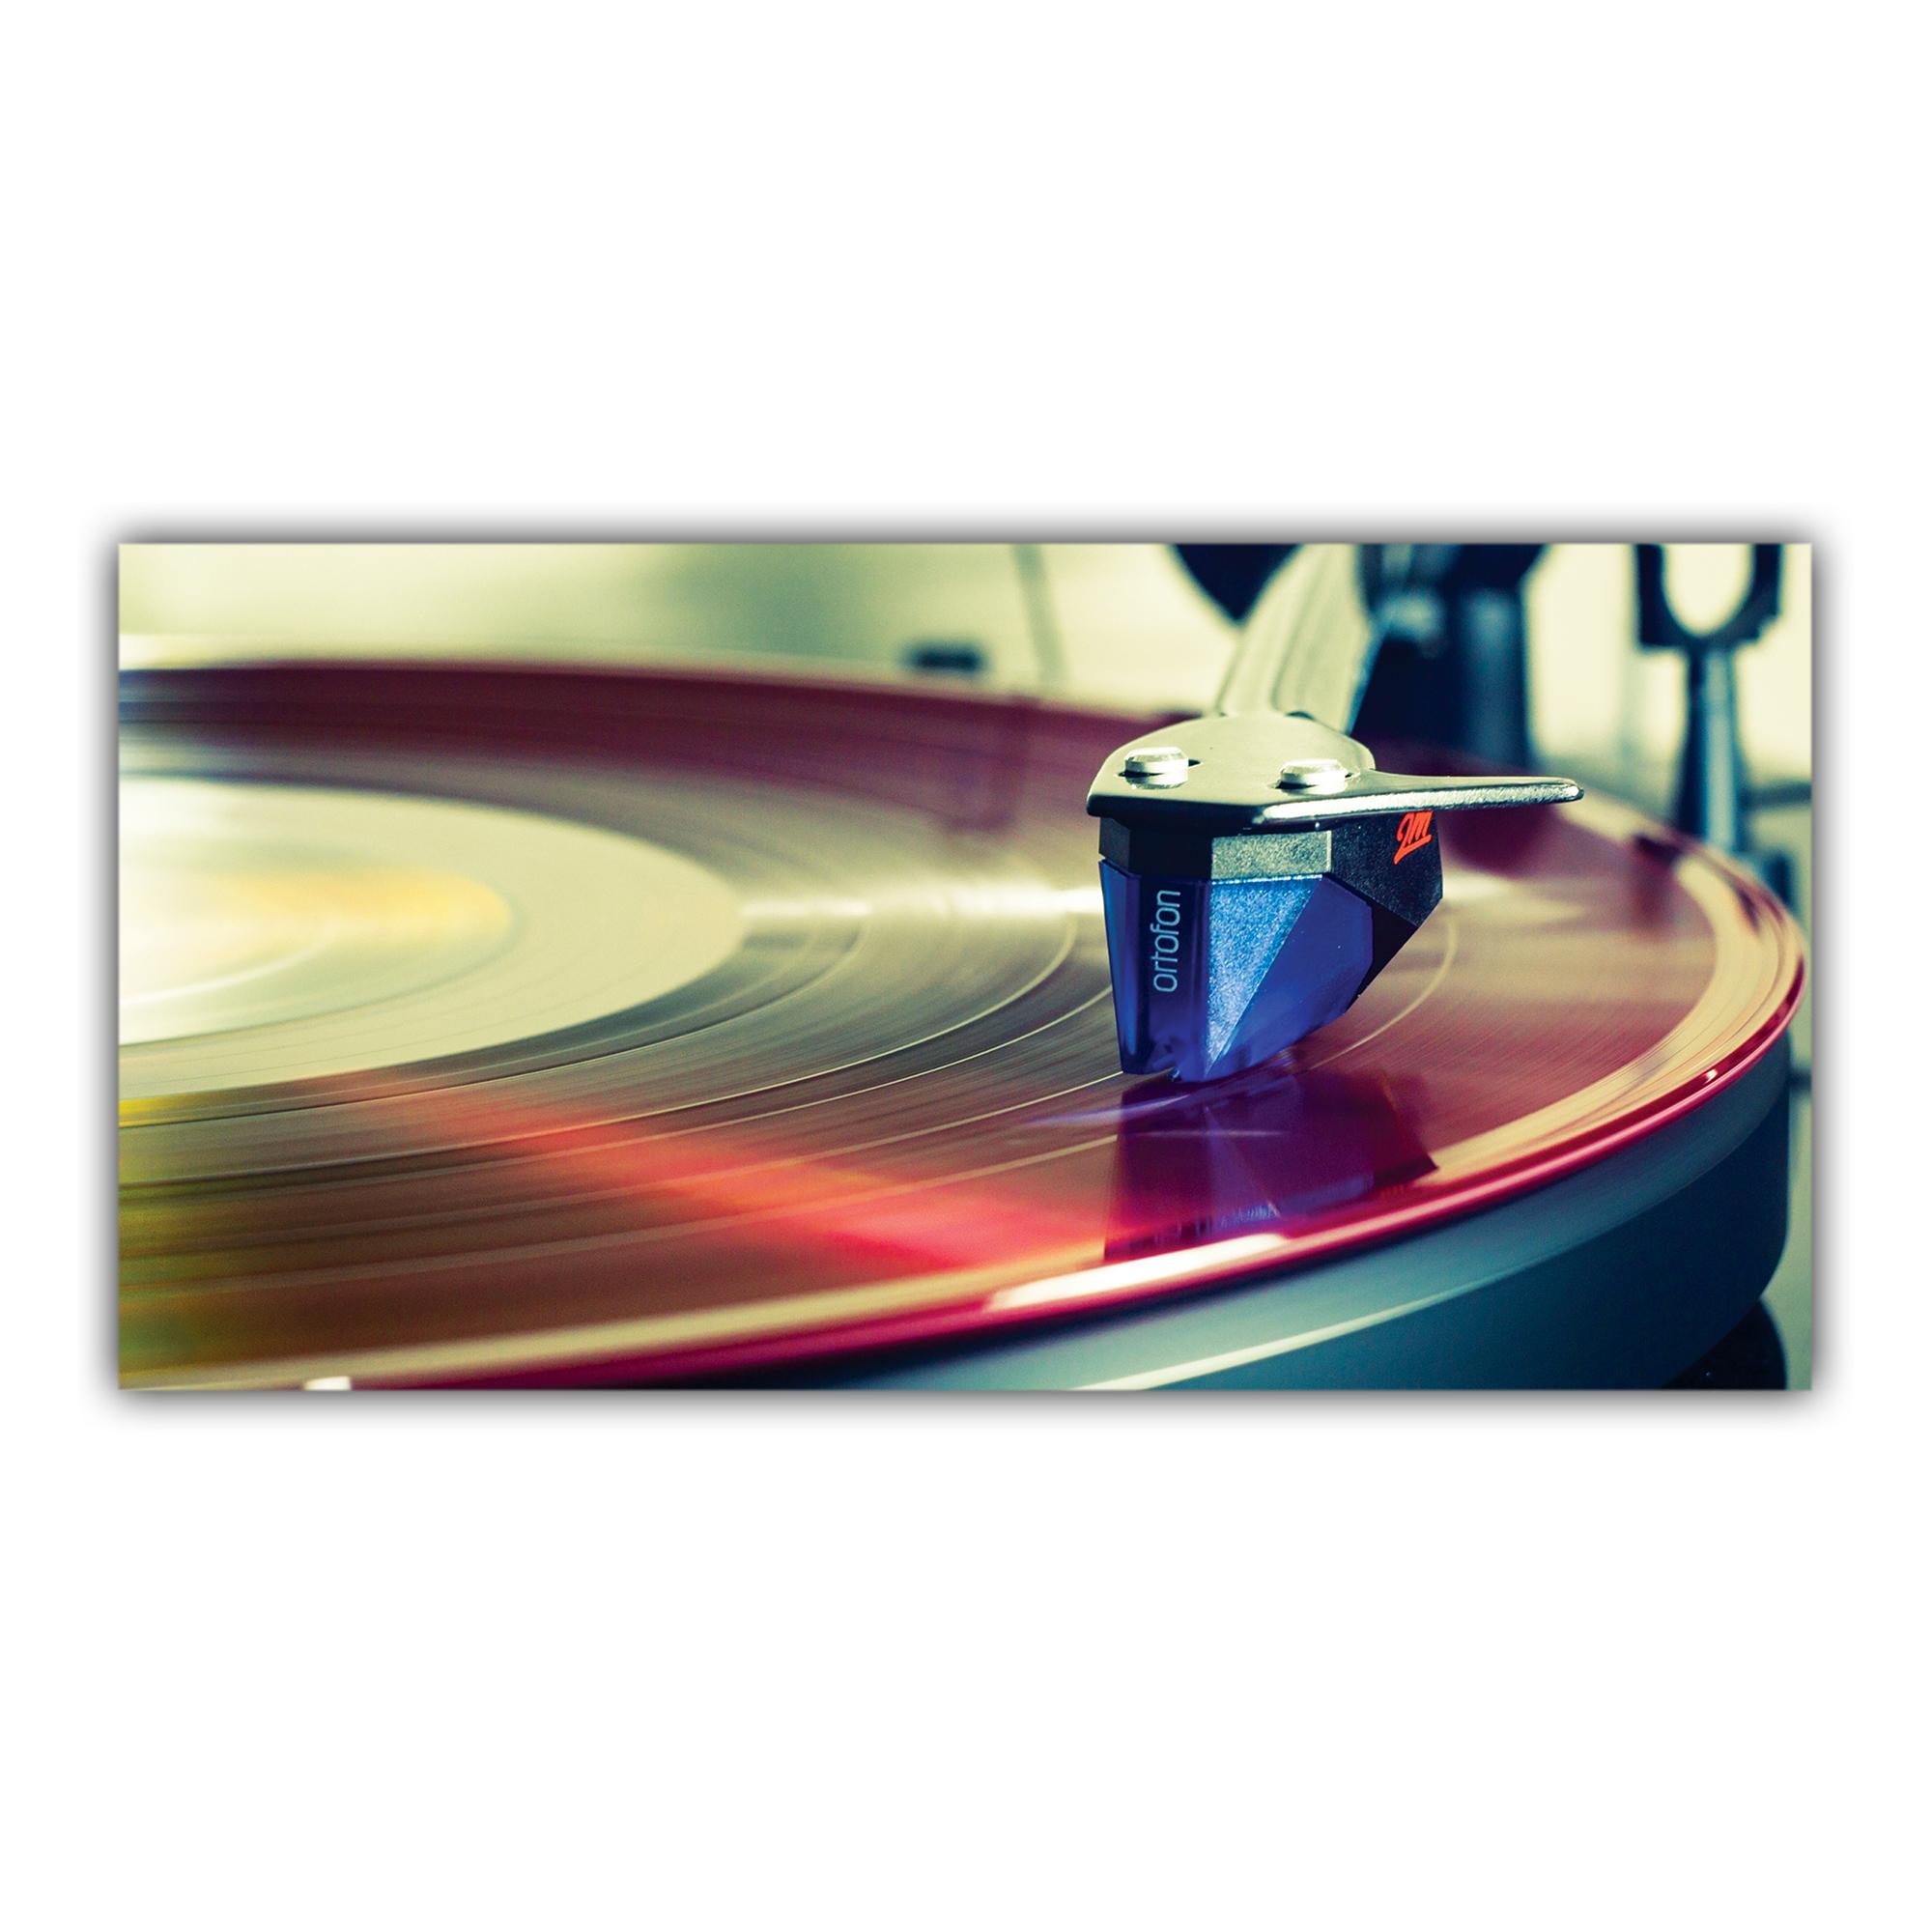 Lecteur disque vinyle arimaje - Lecteur disque vinyl ...